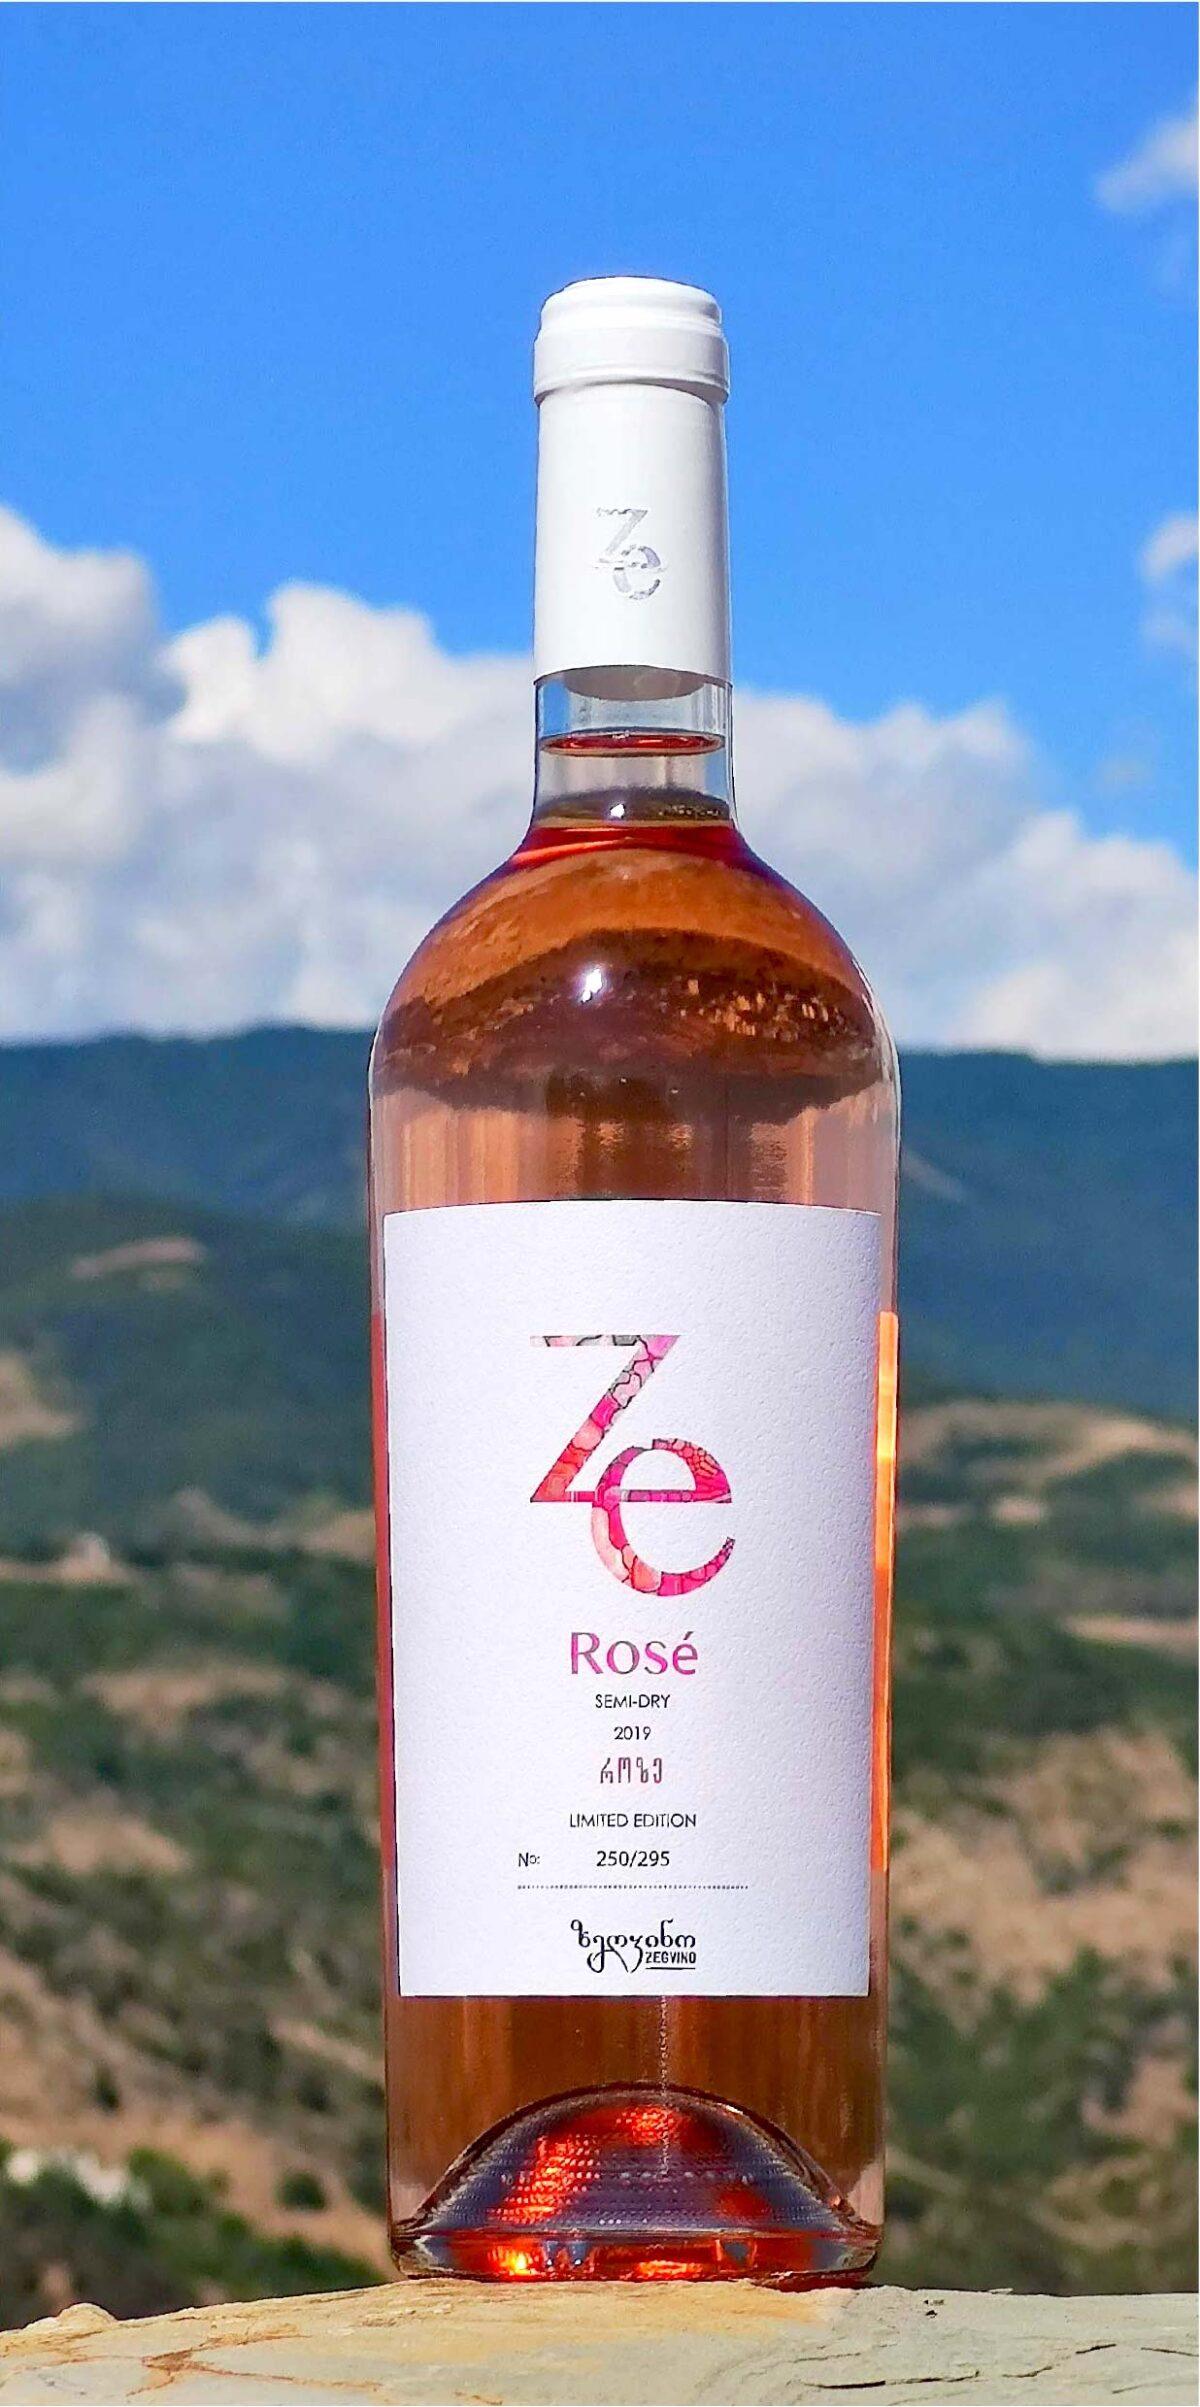 Ze Розе 2019 от ZeGvino